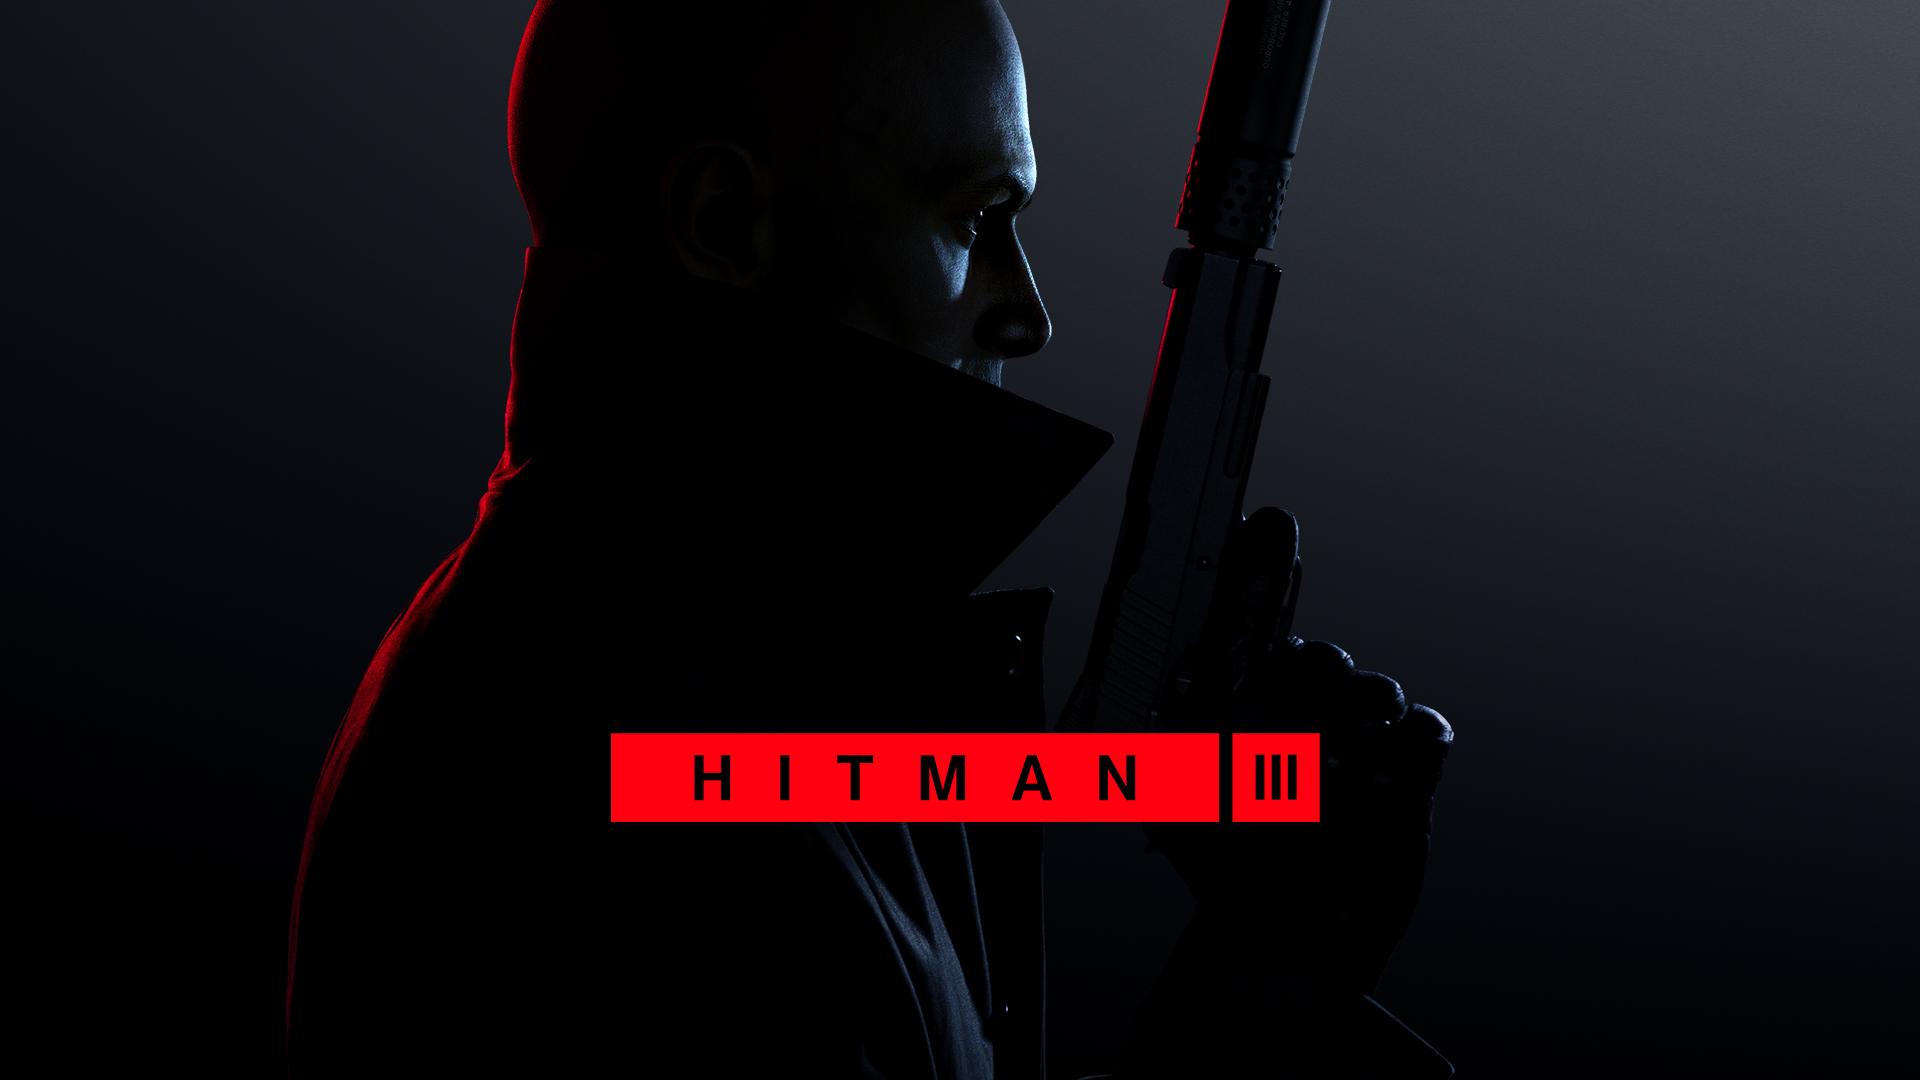 Hitman 3 Wallpaper